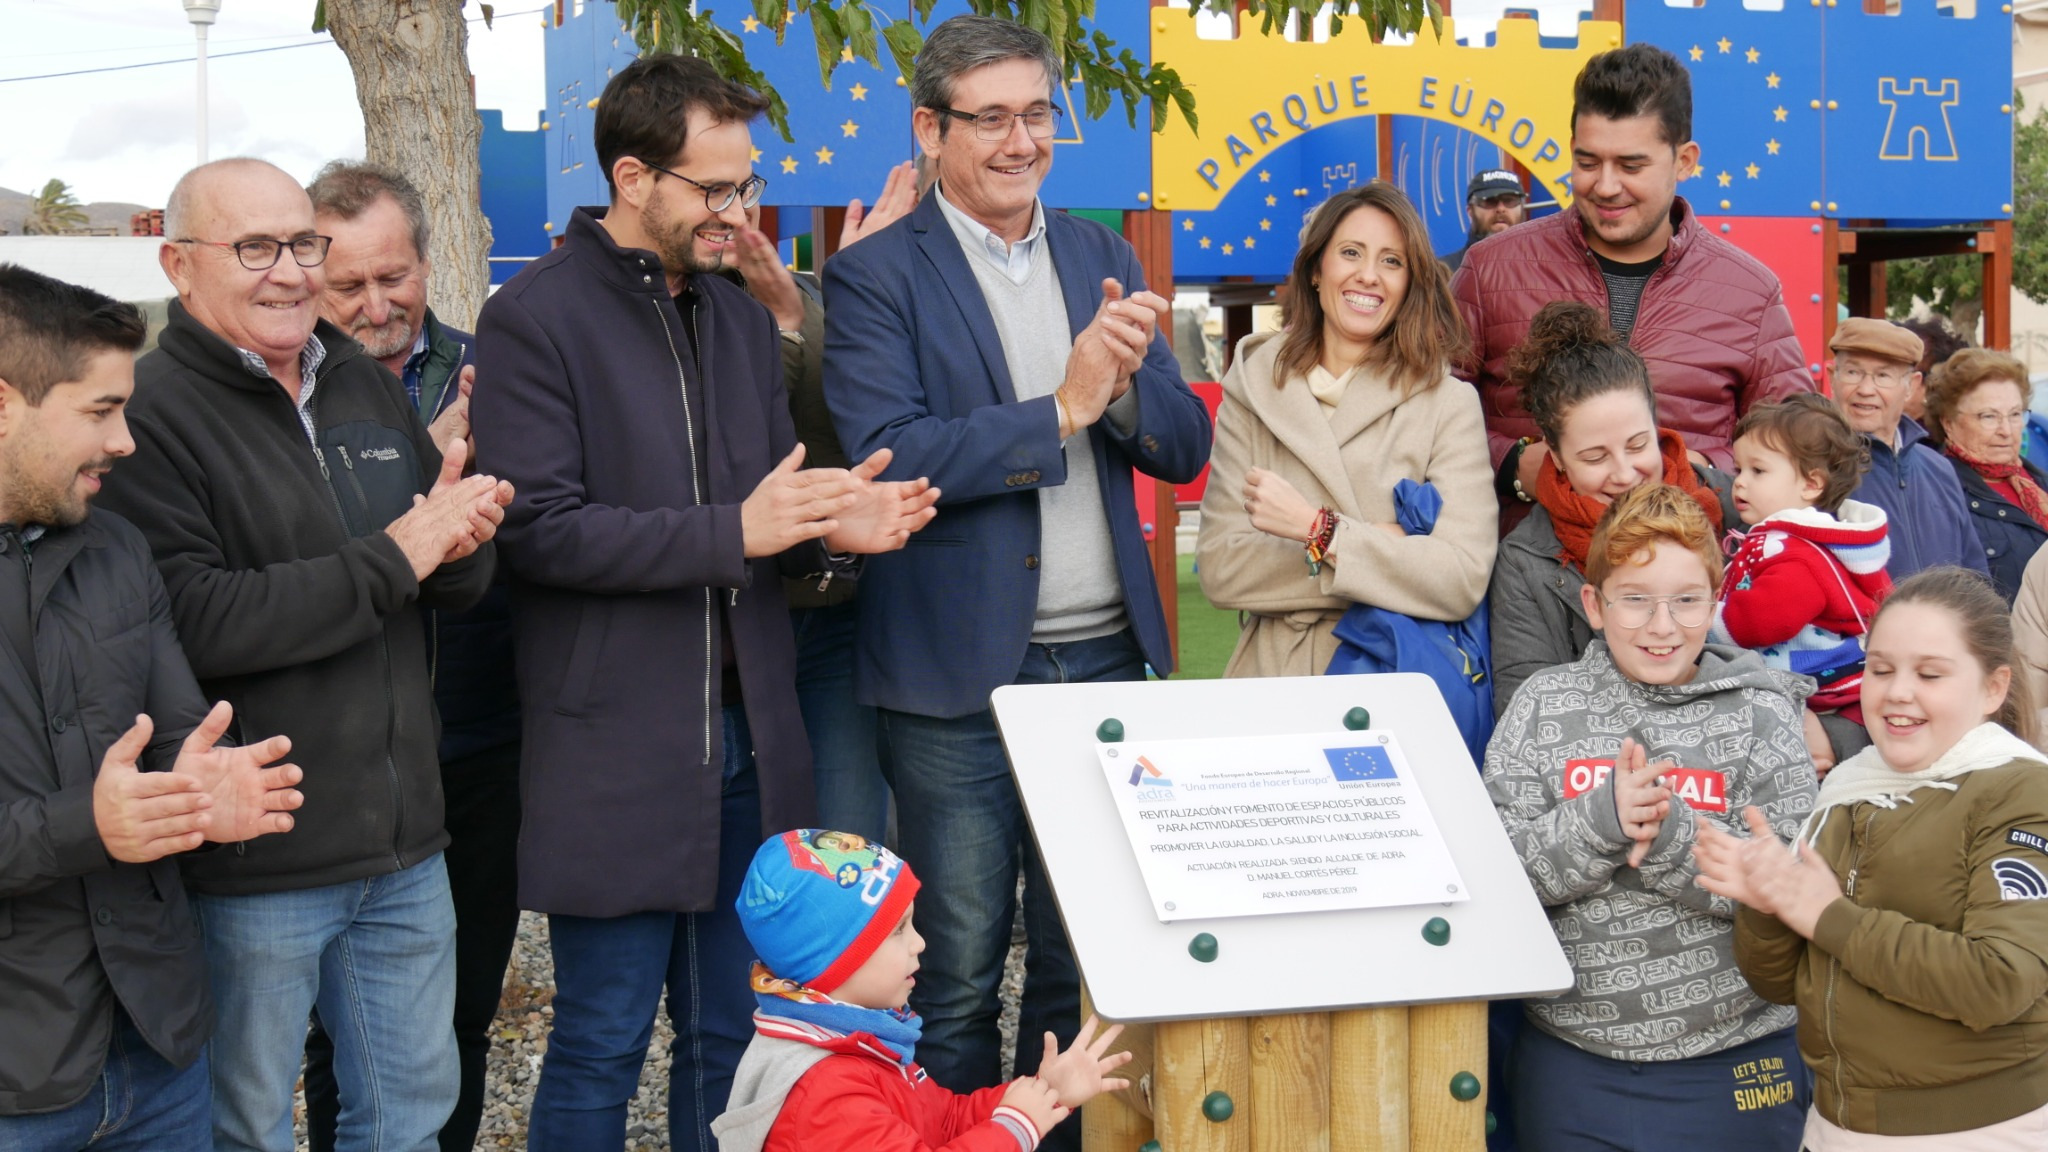 Adra inaugura su 'Parque Europa' con el primer circuito 'Cross Riders' del municipio